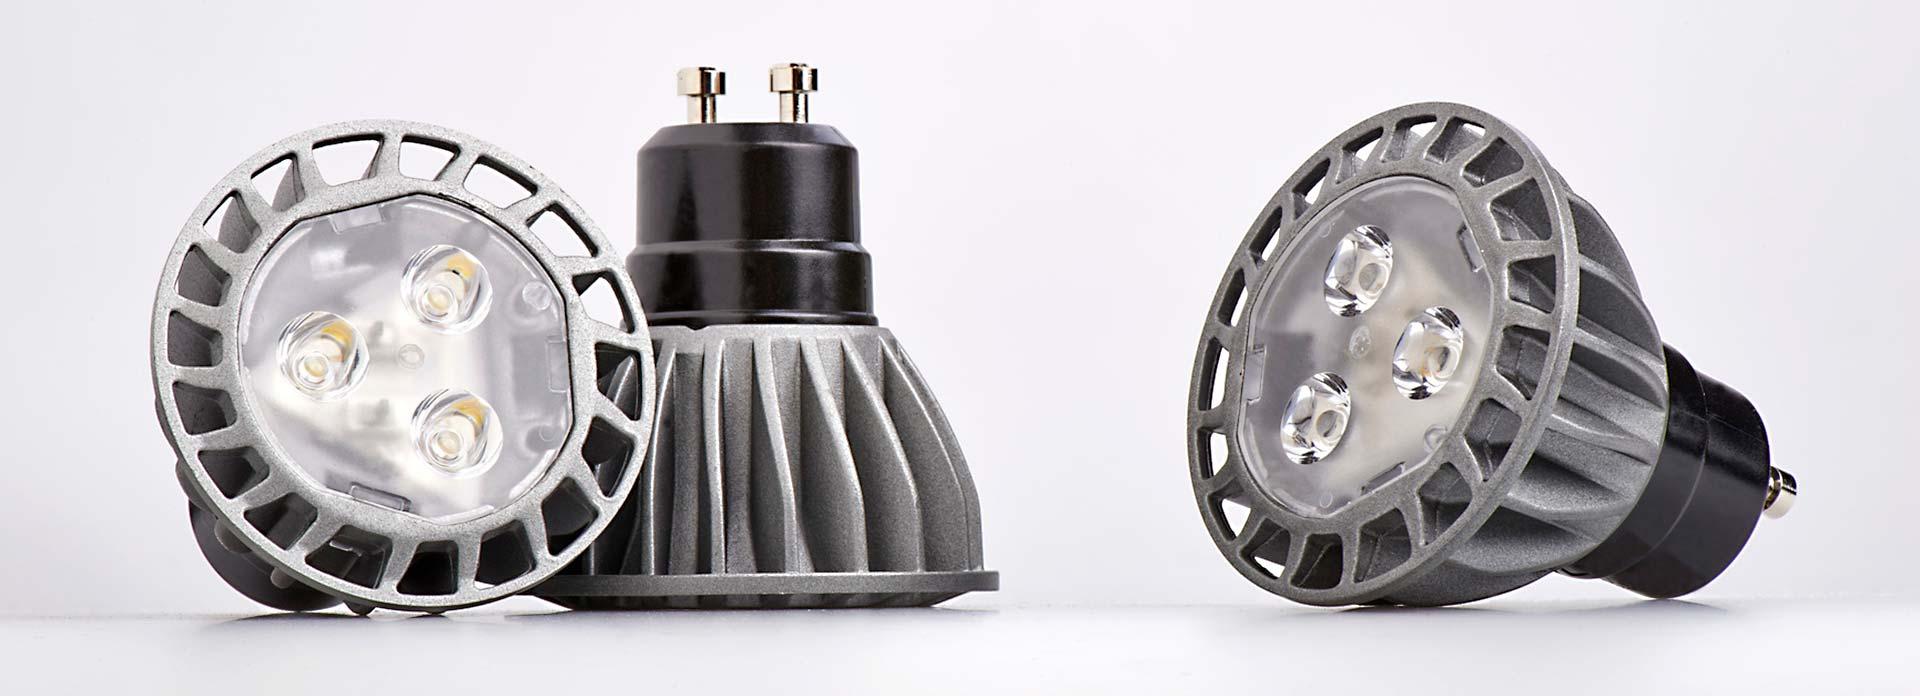 LED Fénycsövek, LED Panelek és Ipari Csarnokvilágítás